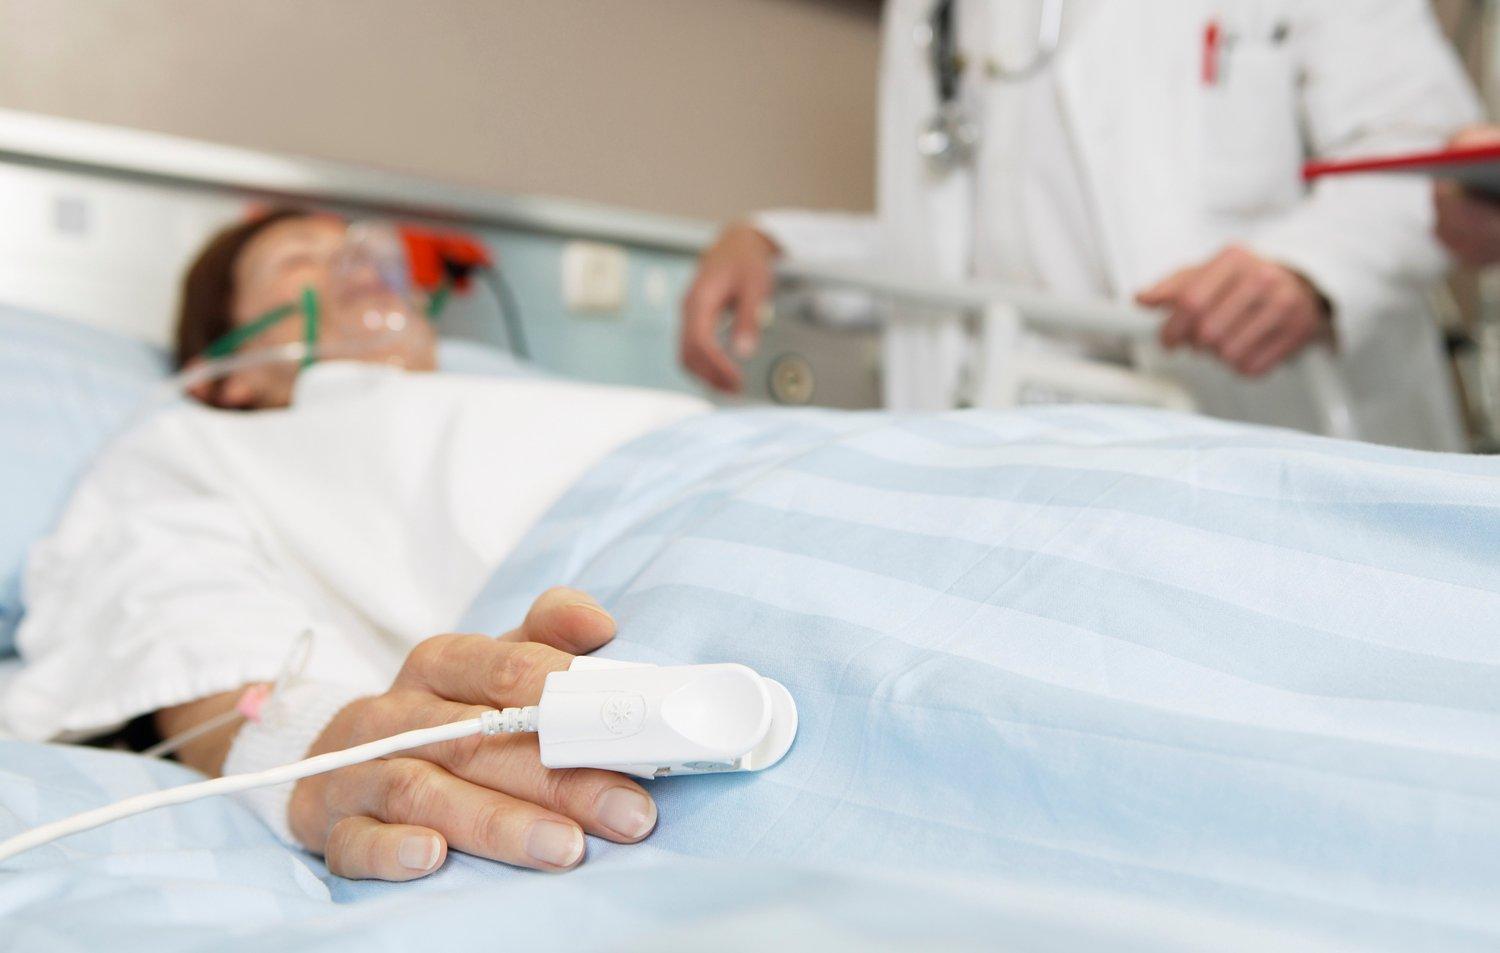 130520-ventilator-patient-315p.jpg